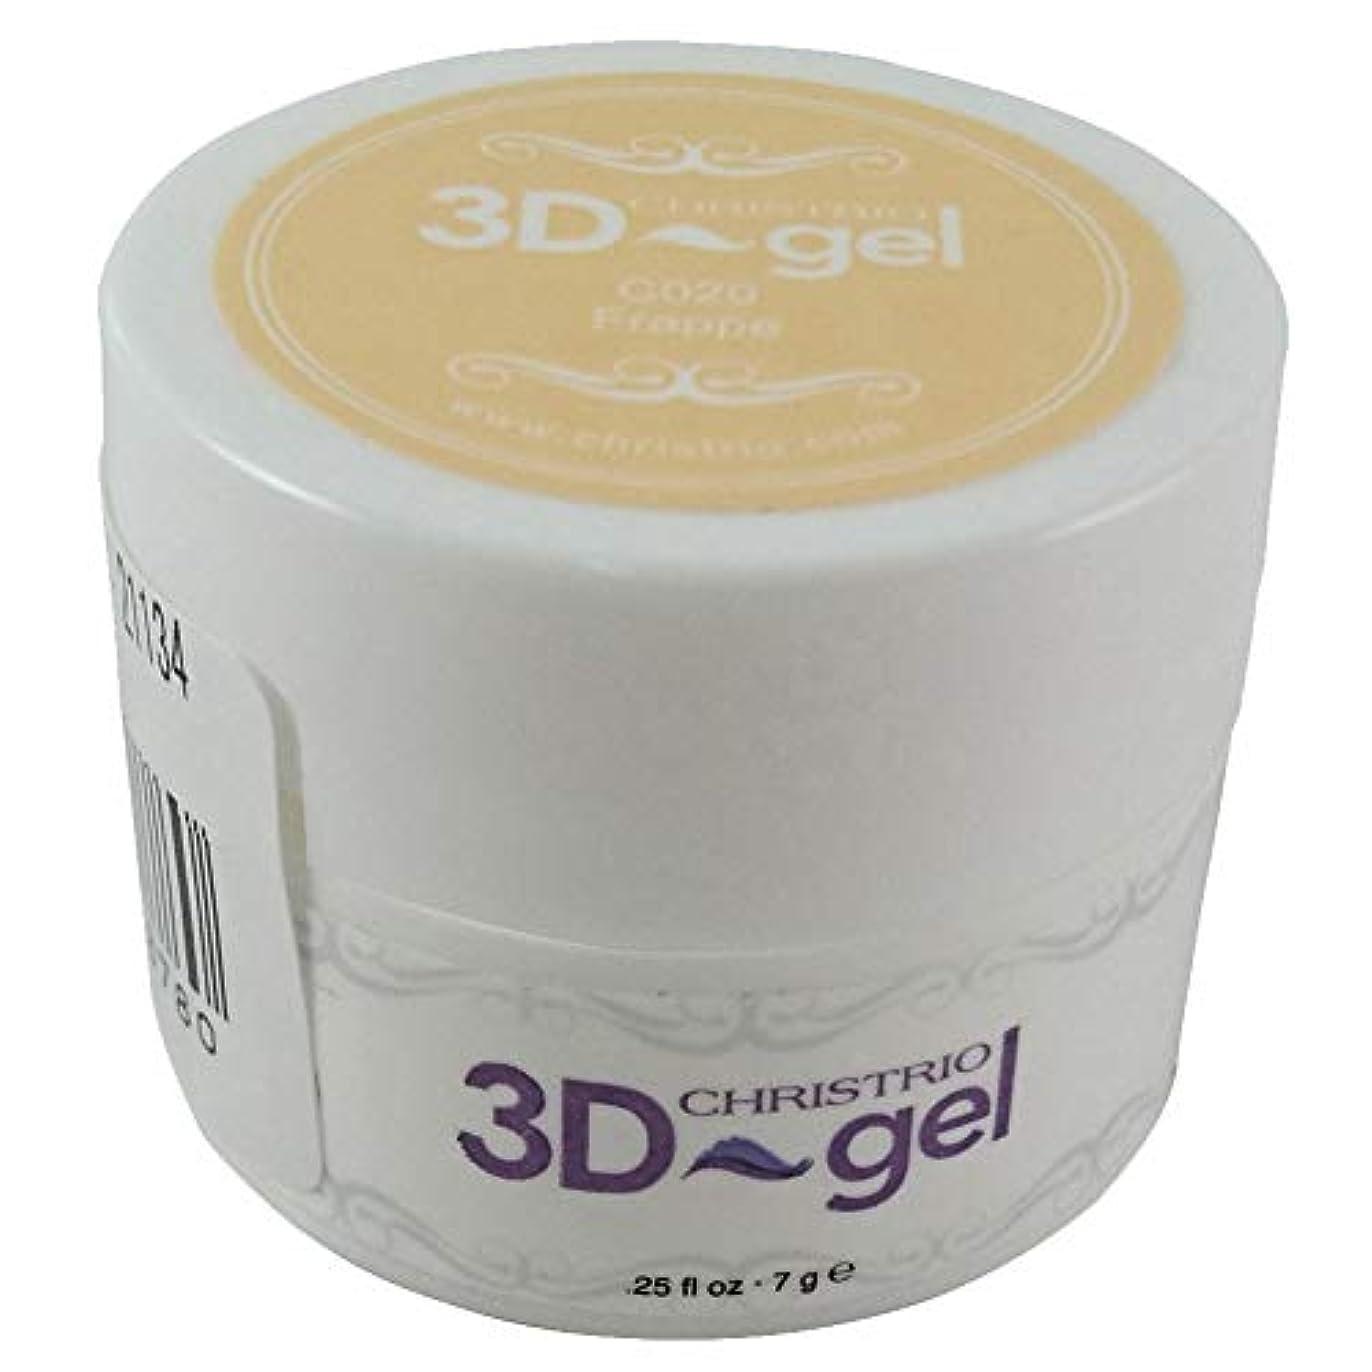 クレデンシャル仮定アレルギーCHRISTRIO 3Dジェル 7g C020 フラッペ